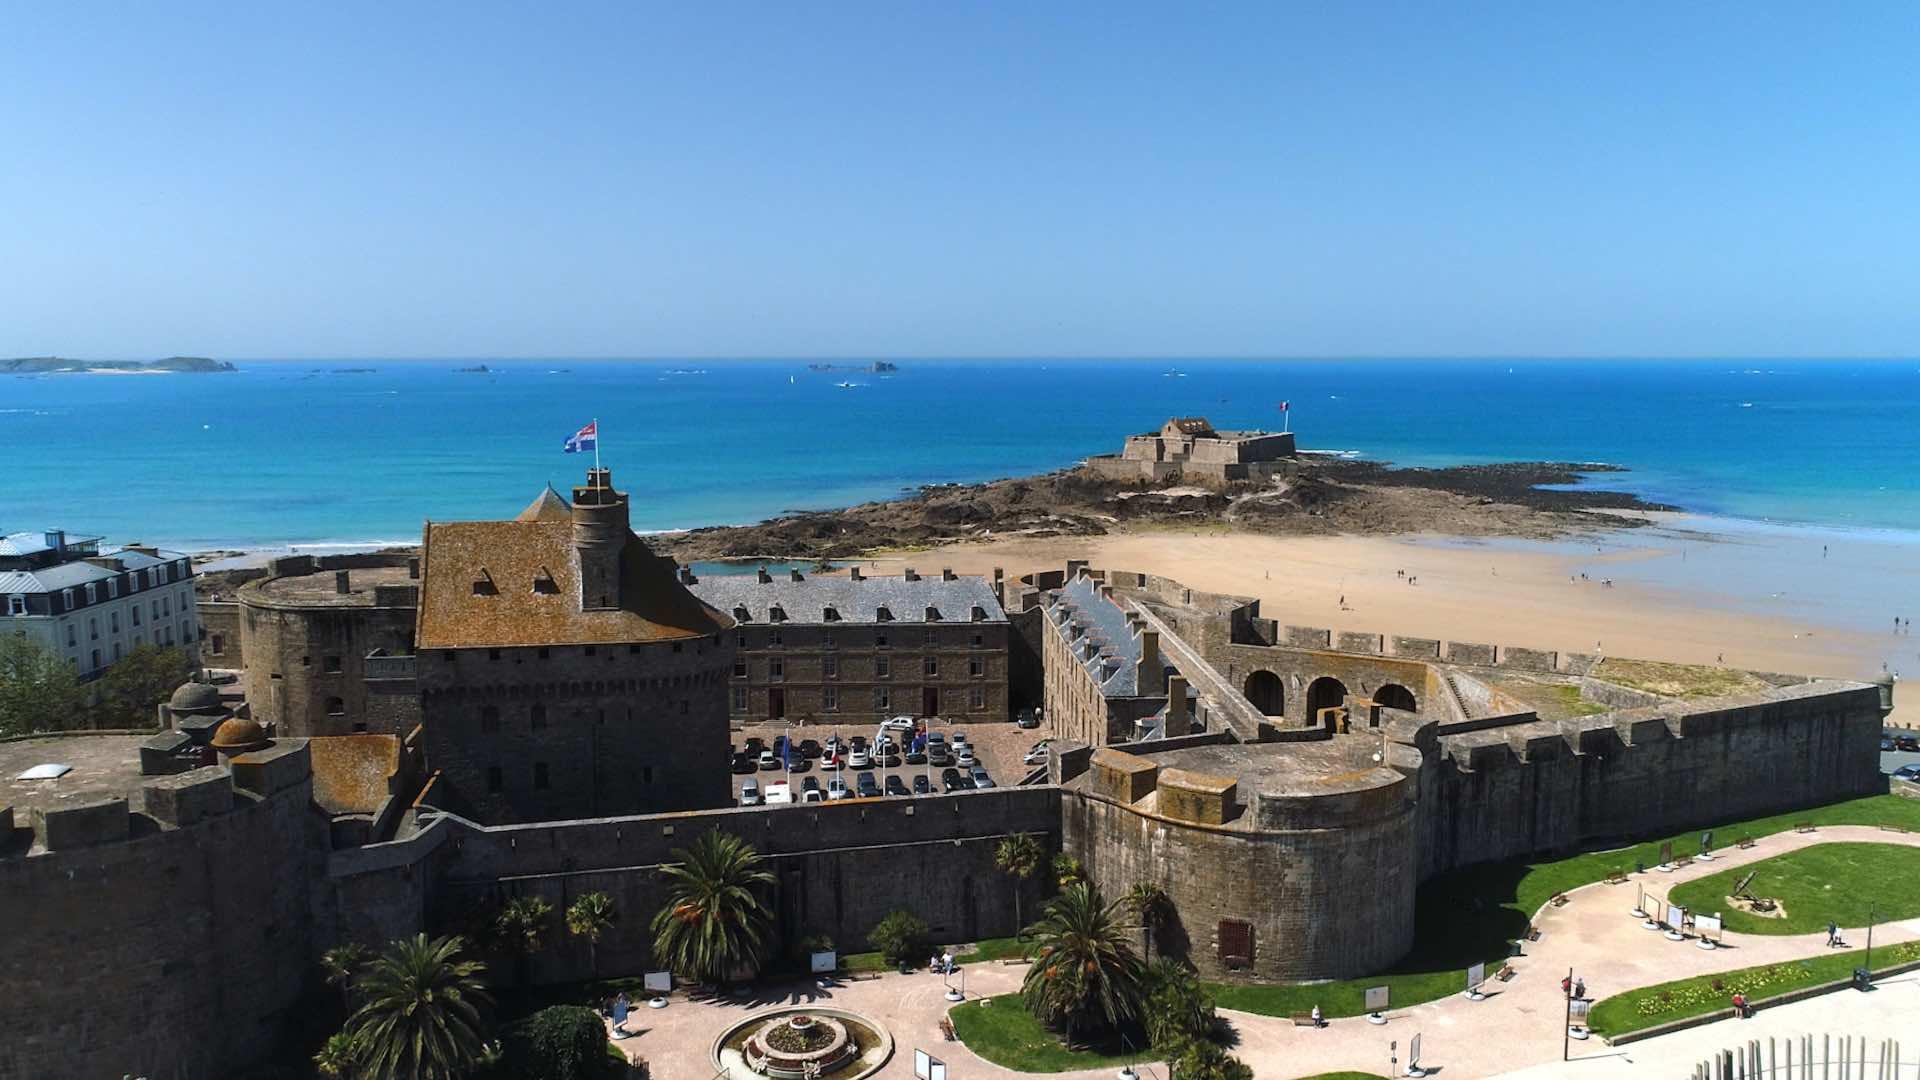 Vue aérienne de St Malo